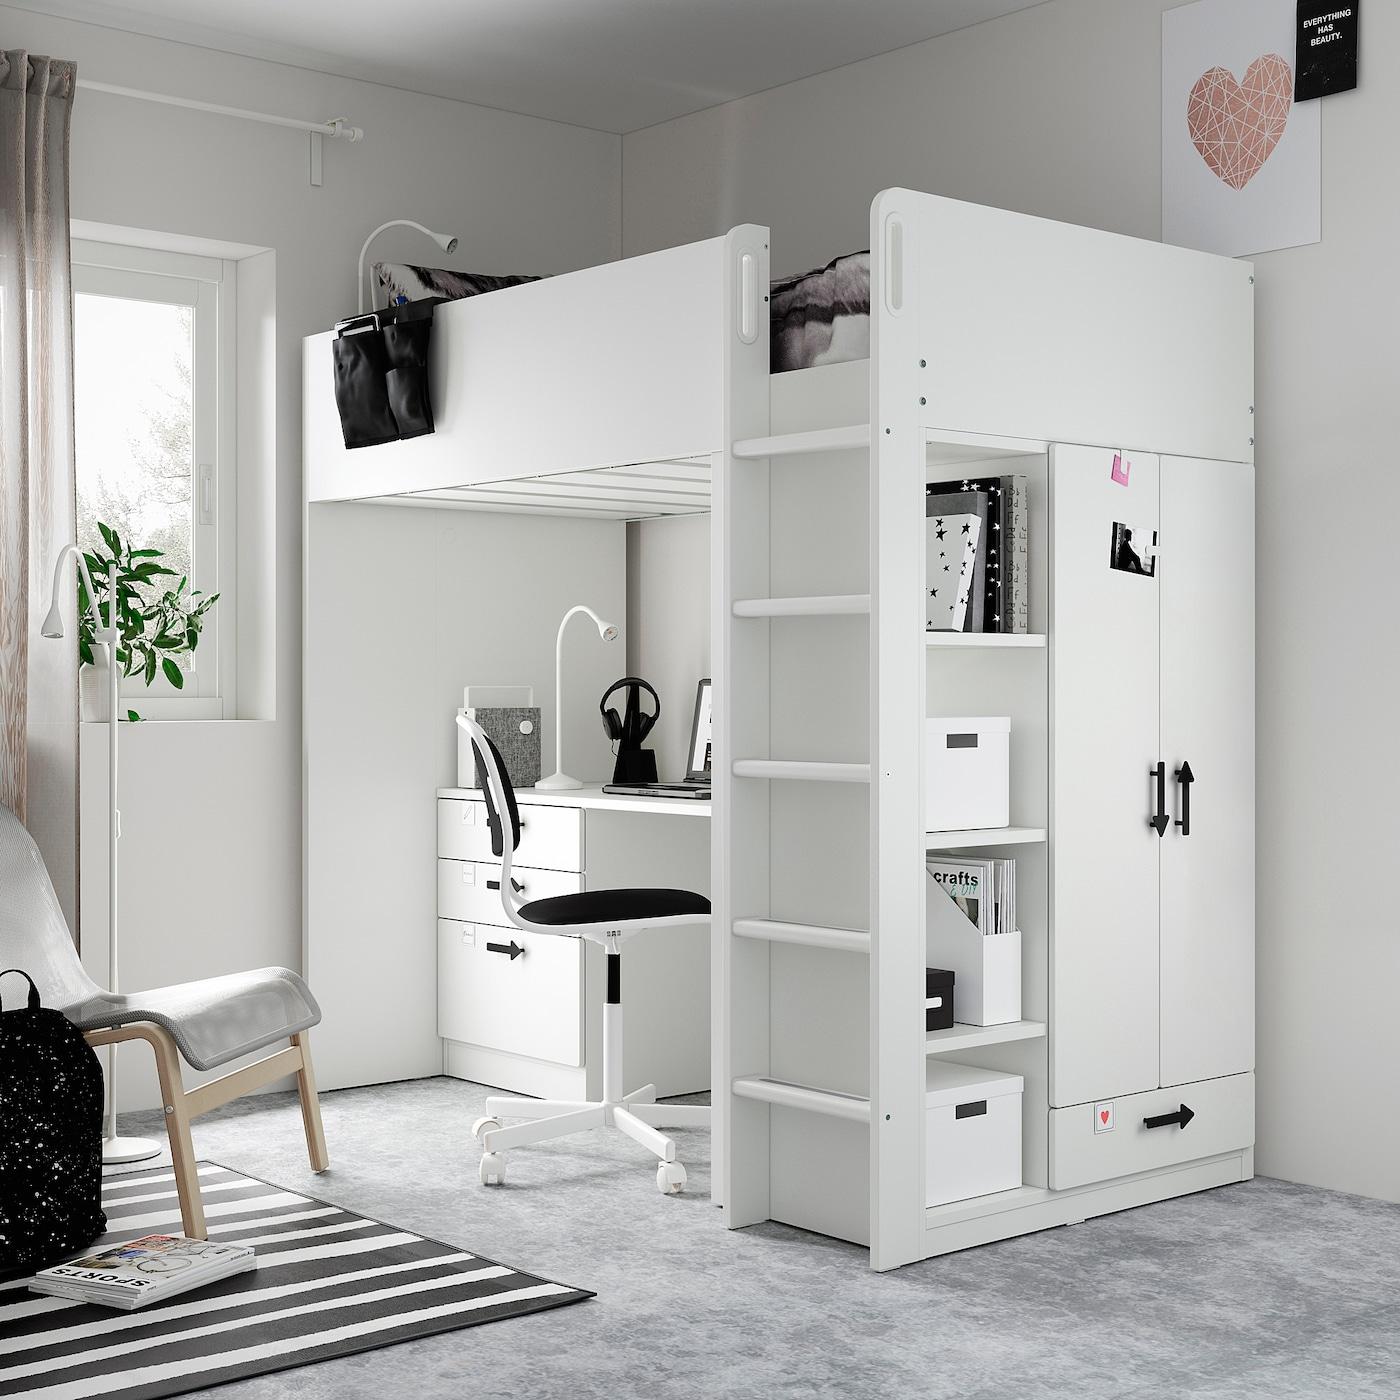 SMÅSTAD Loftsäng, vit vit/med skrivbord med 4 lådor, 90x200 cm